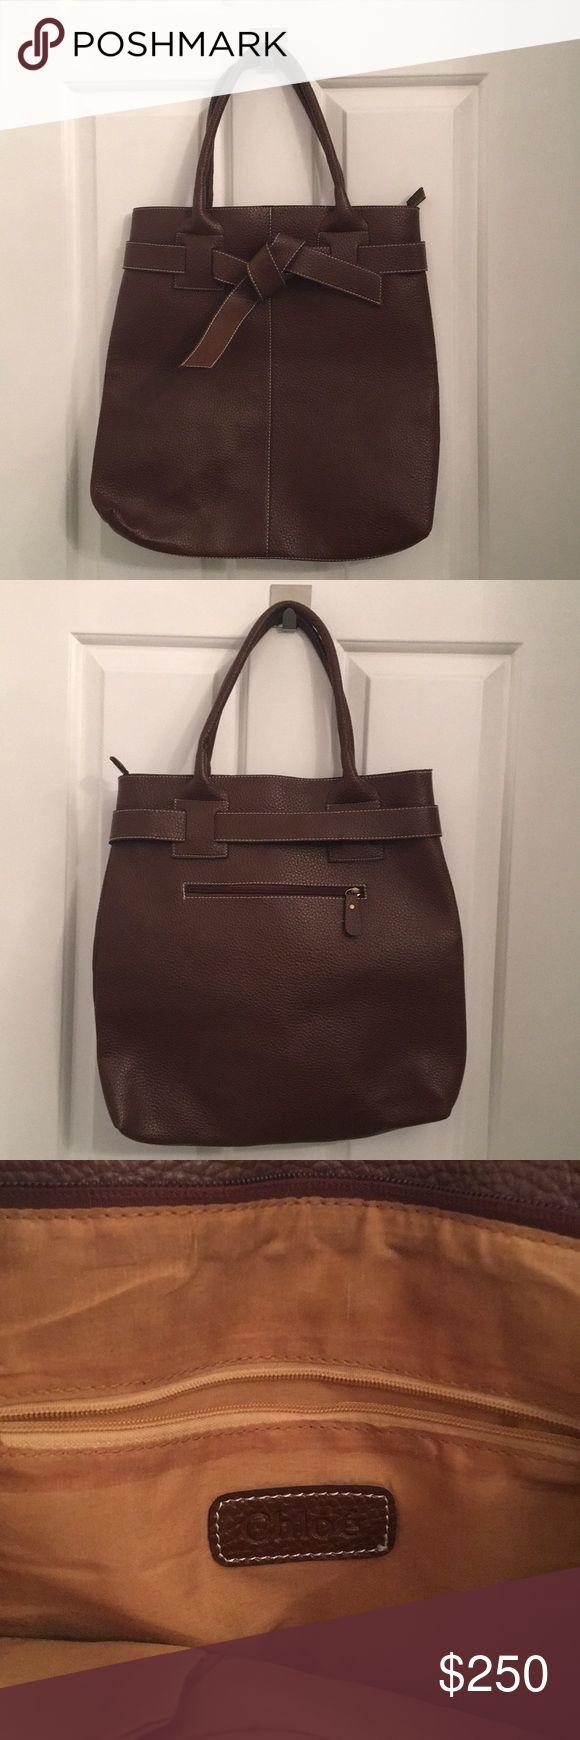 Chloe Tote Bag Gently-used brown leather tote bag Chloe Bags Totes